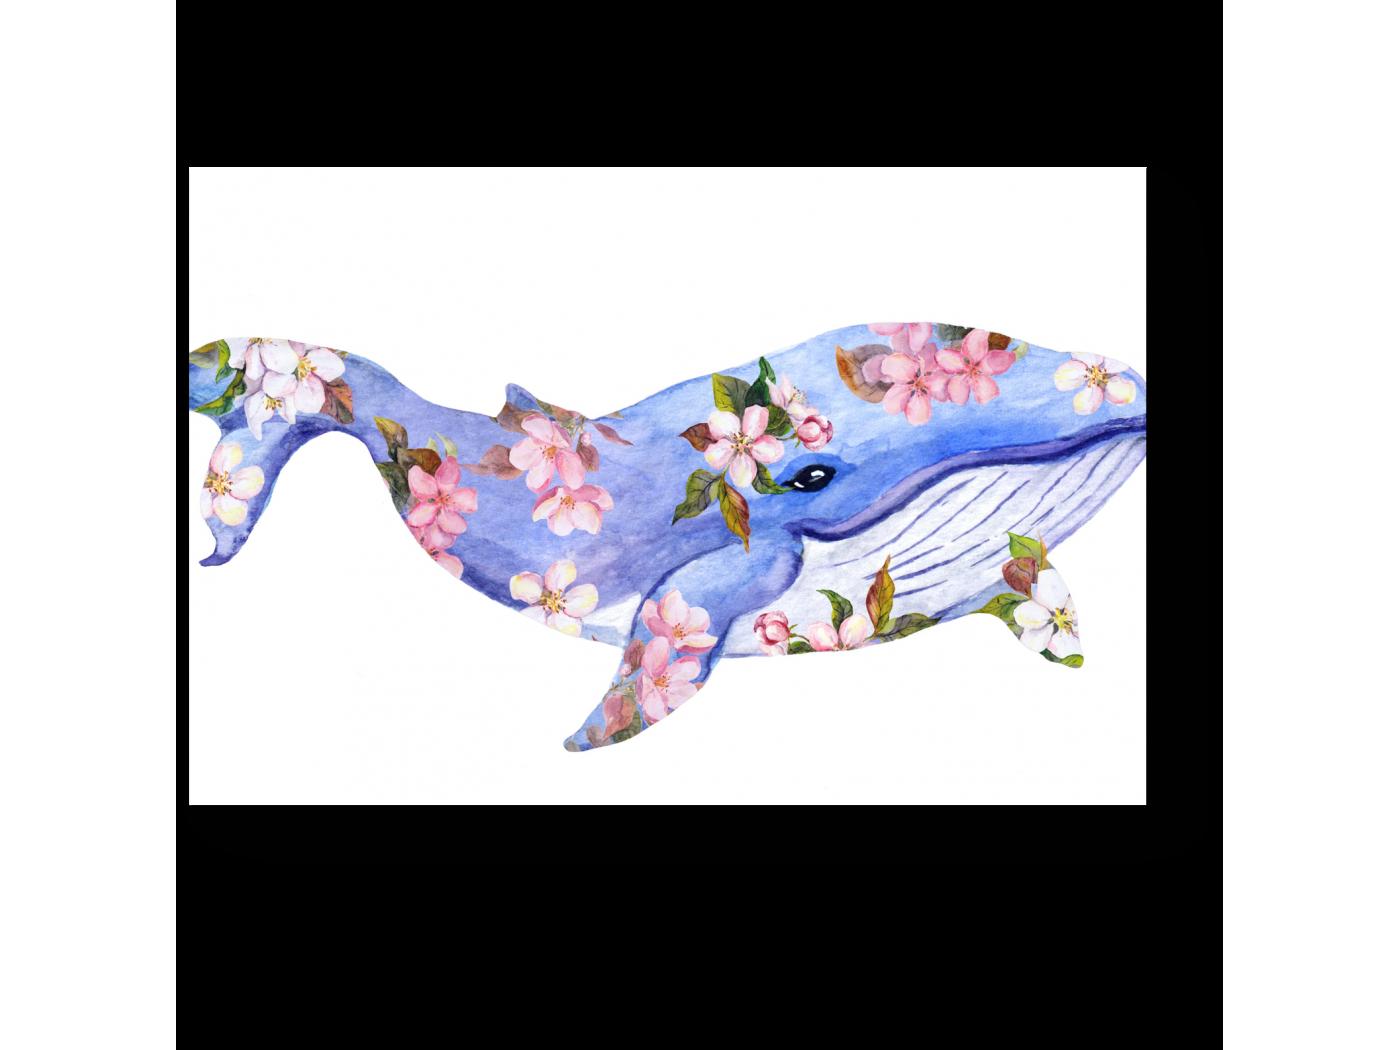 Модульная картина Весенний кит (30x20) фото